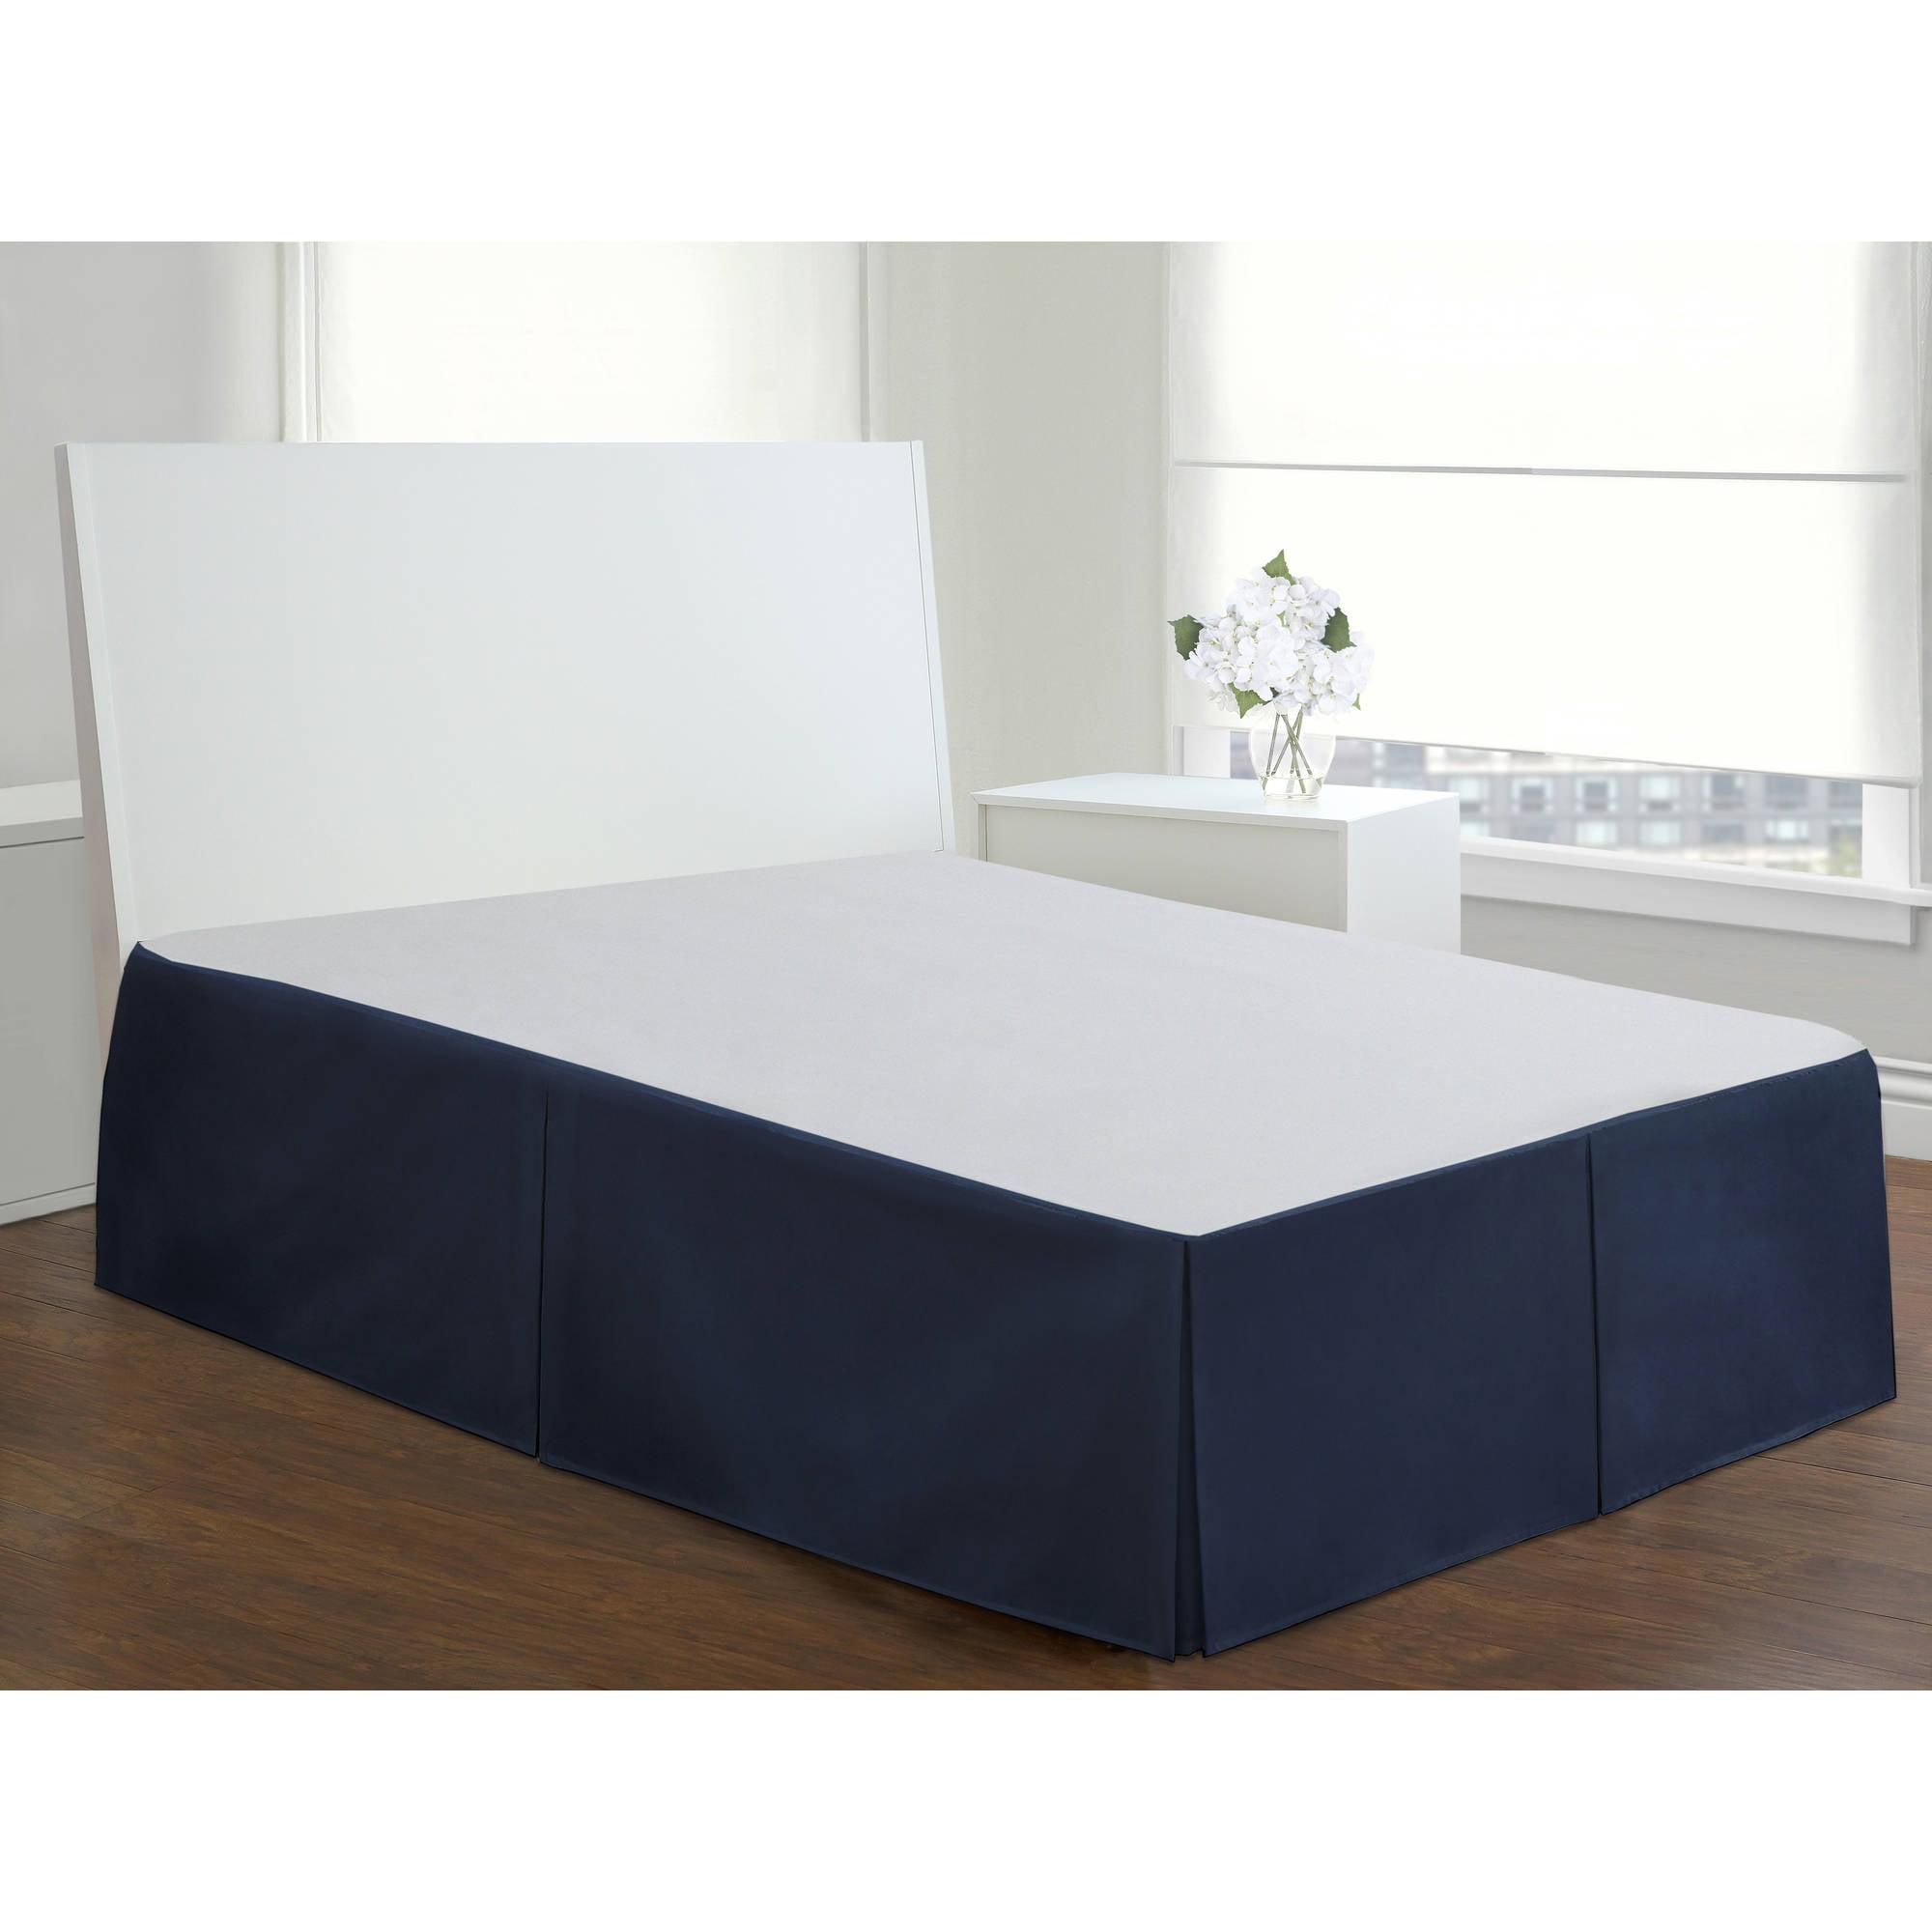 Levinsohn Tailored Poplin Bedding Bed Skirt Walmartcom